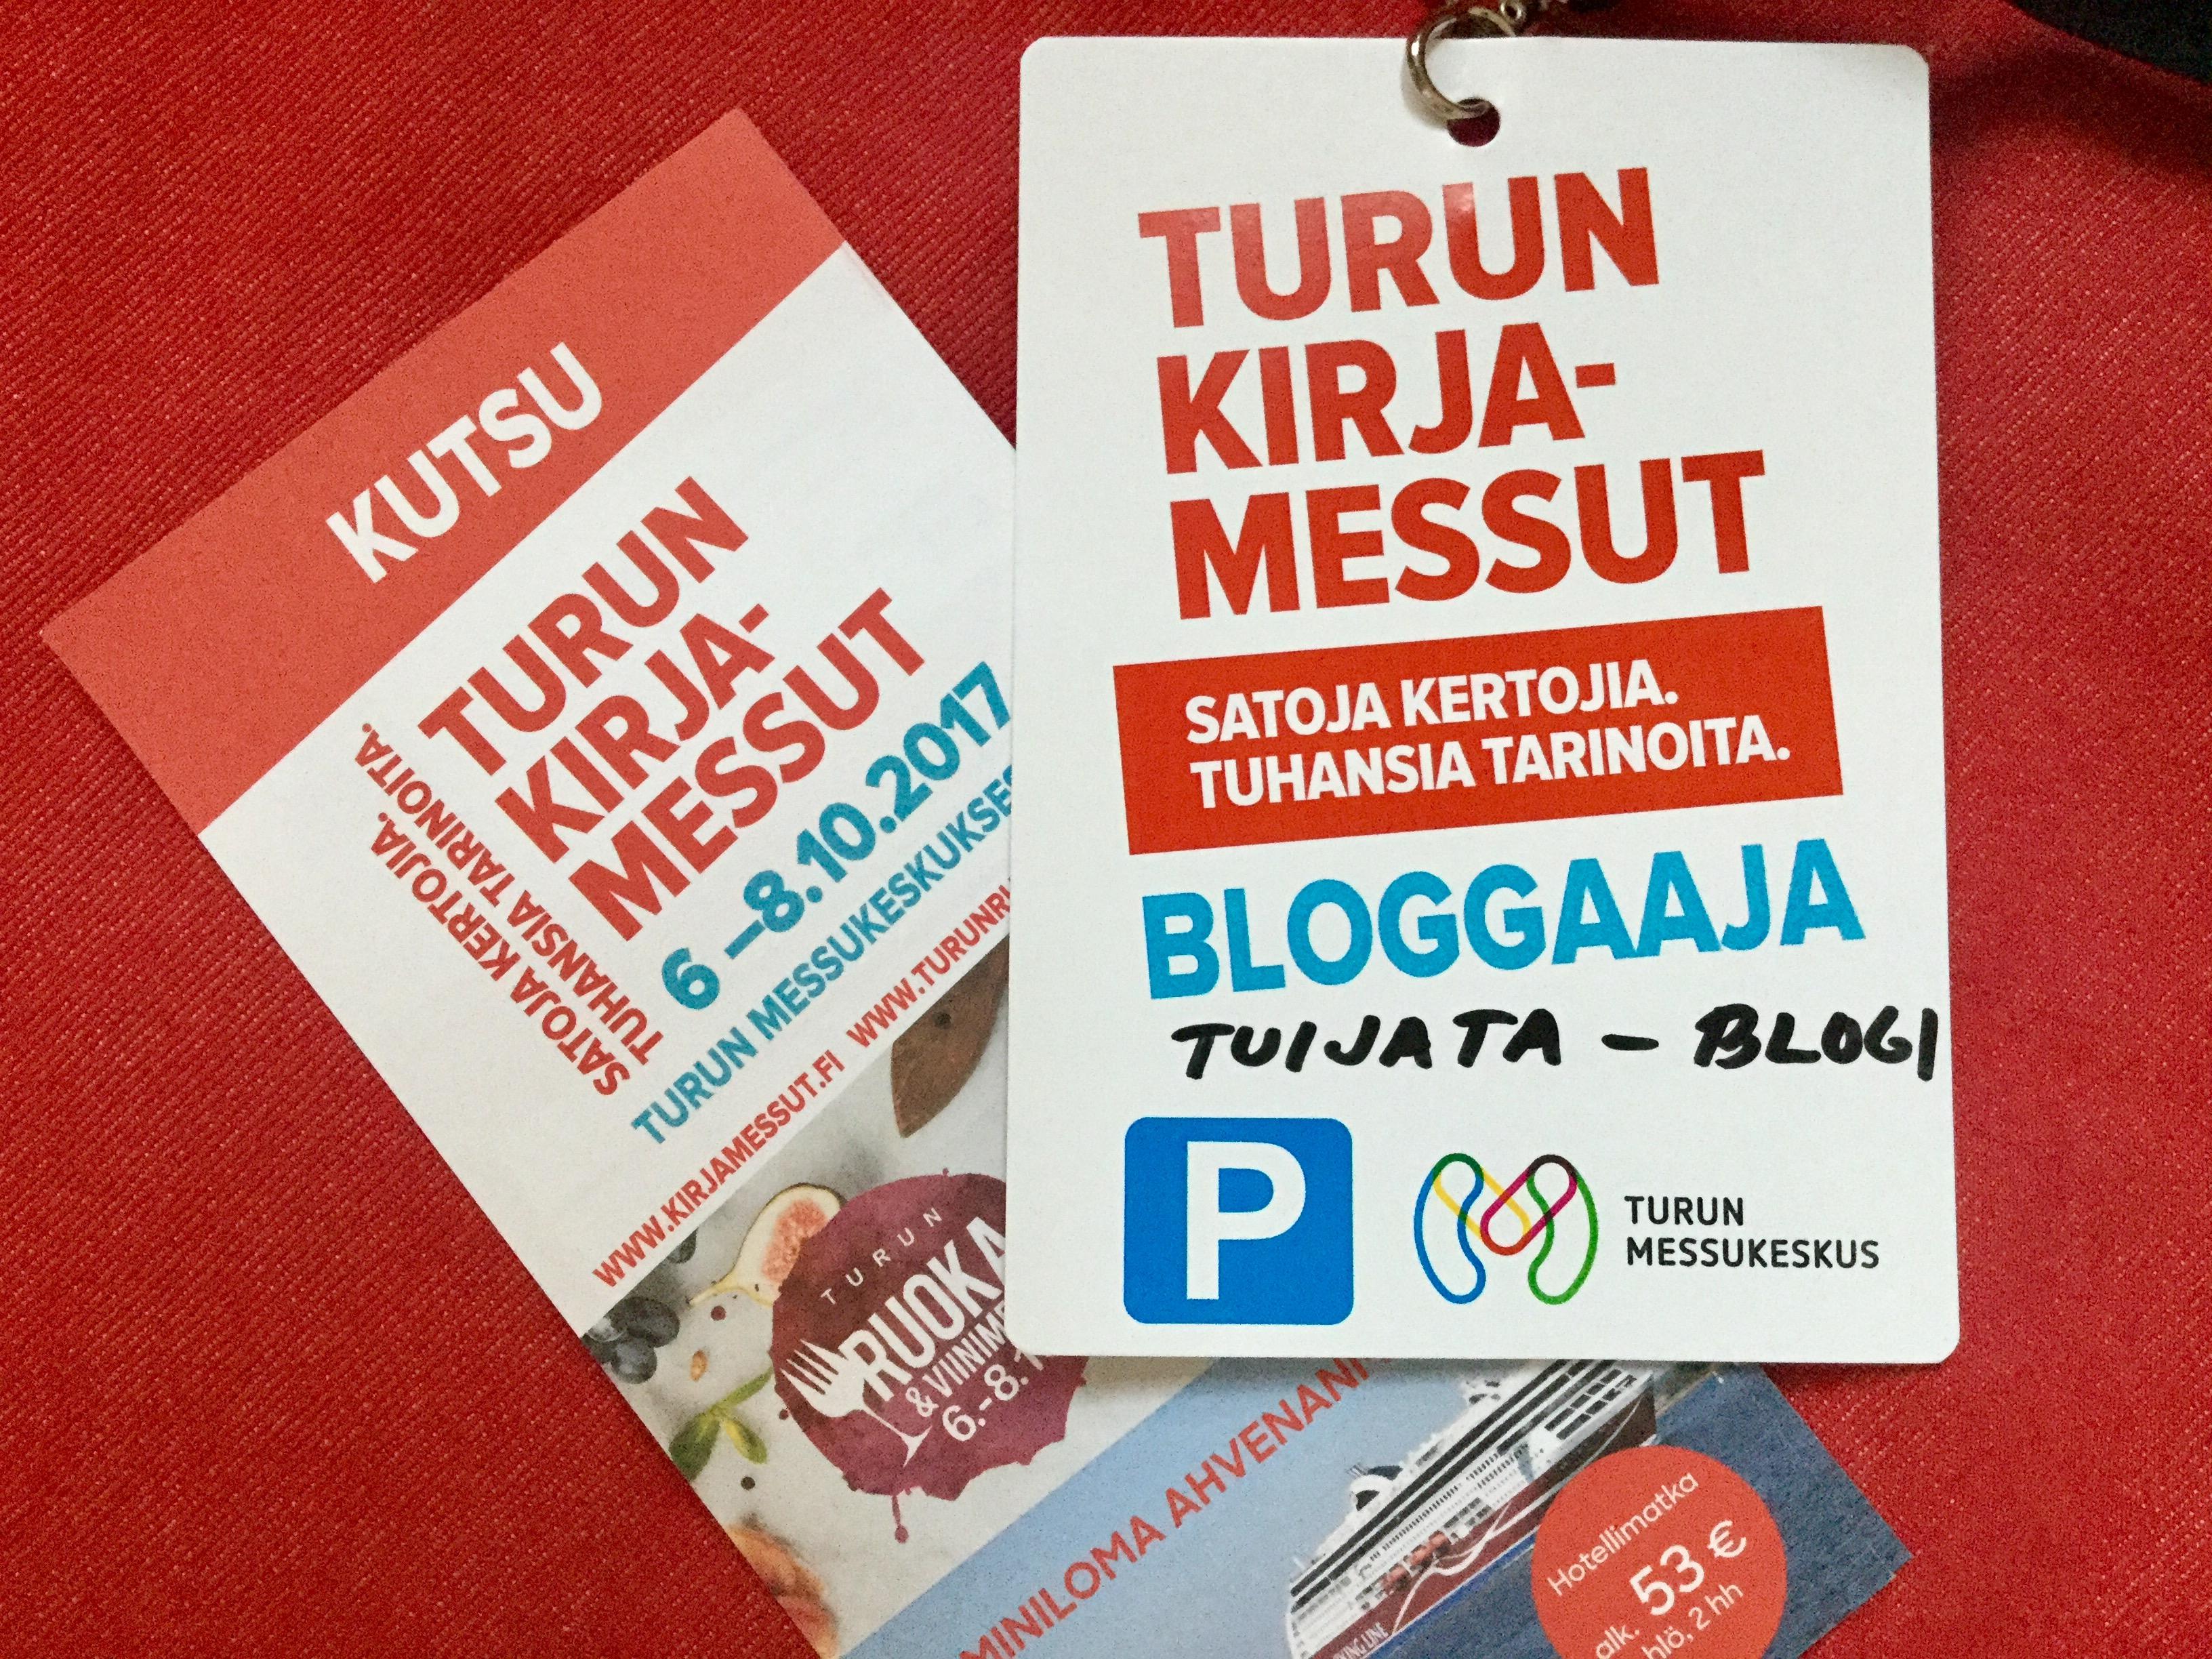 Turun kirjamessut_Tuijata.jpg